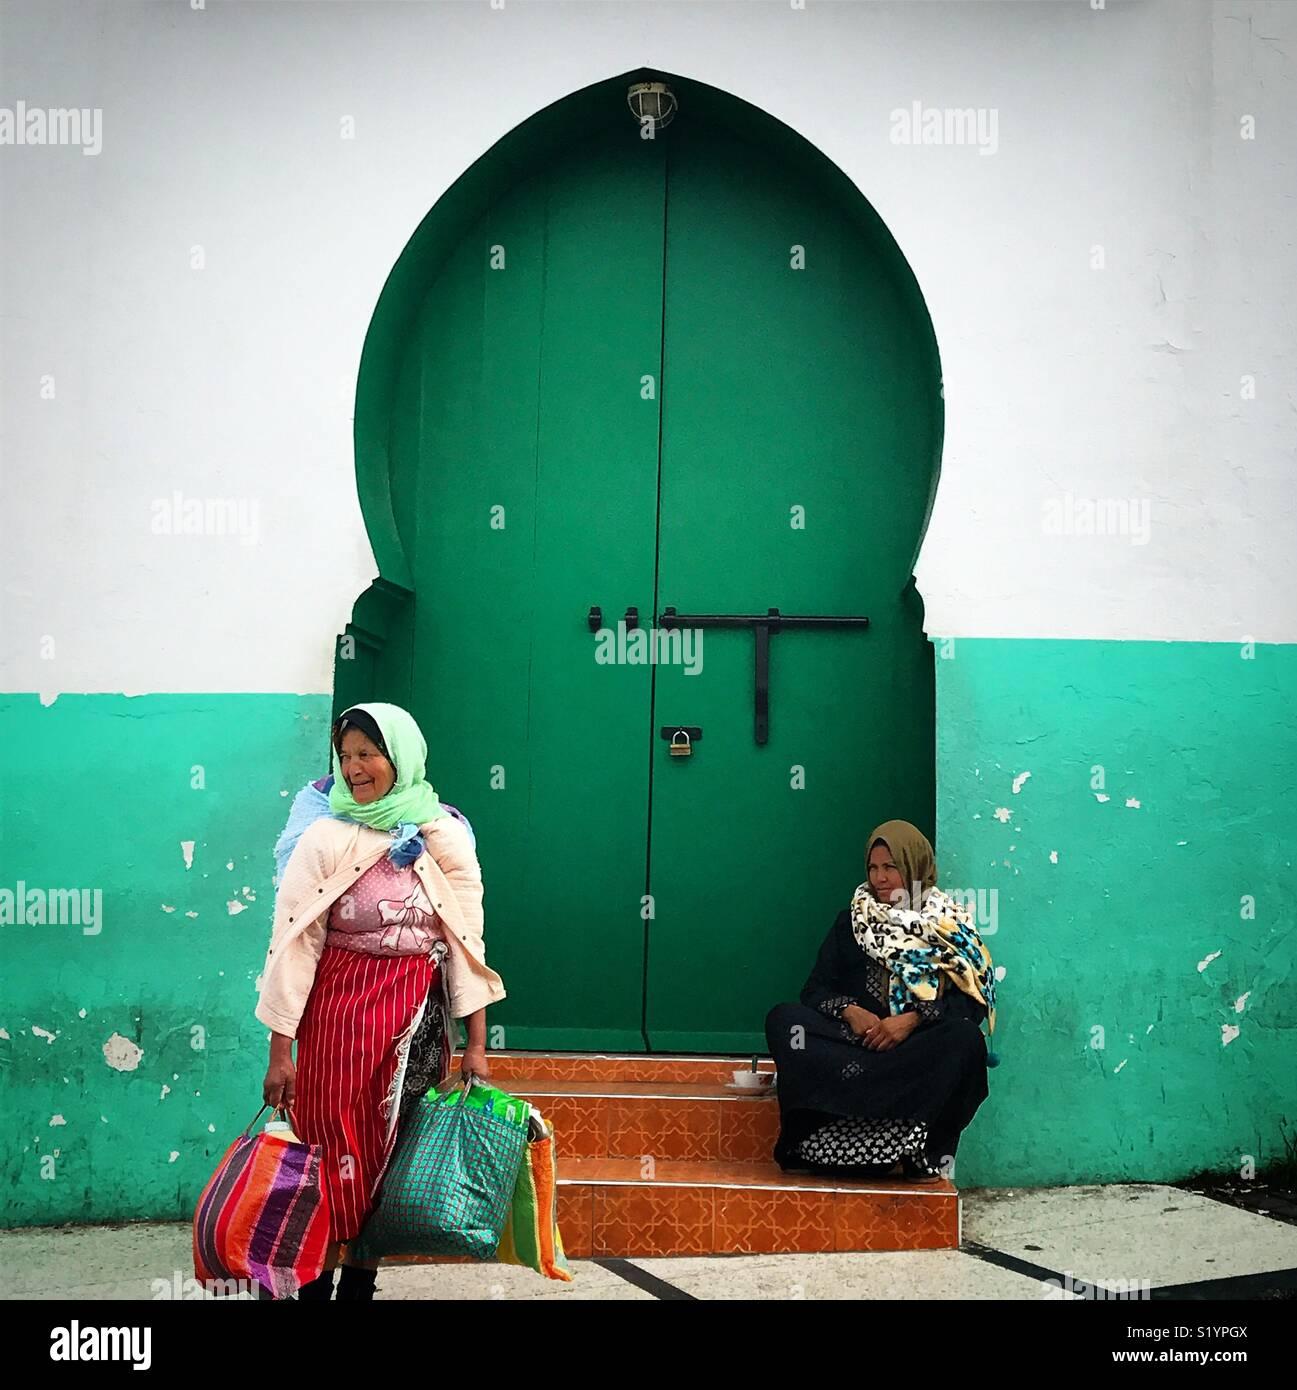 Las mujeres marroquíes sentarse delante de una puerta verde en Tánger, Marruecos, África Imagen De Stock